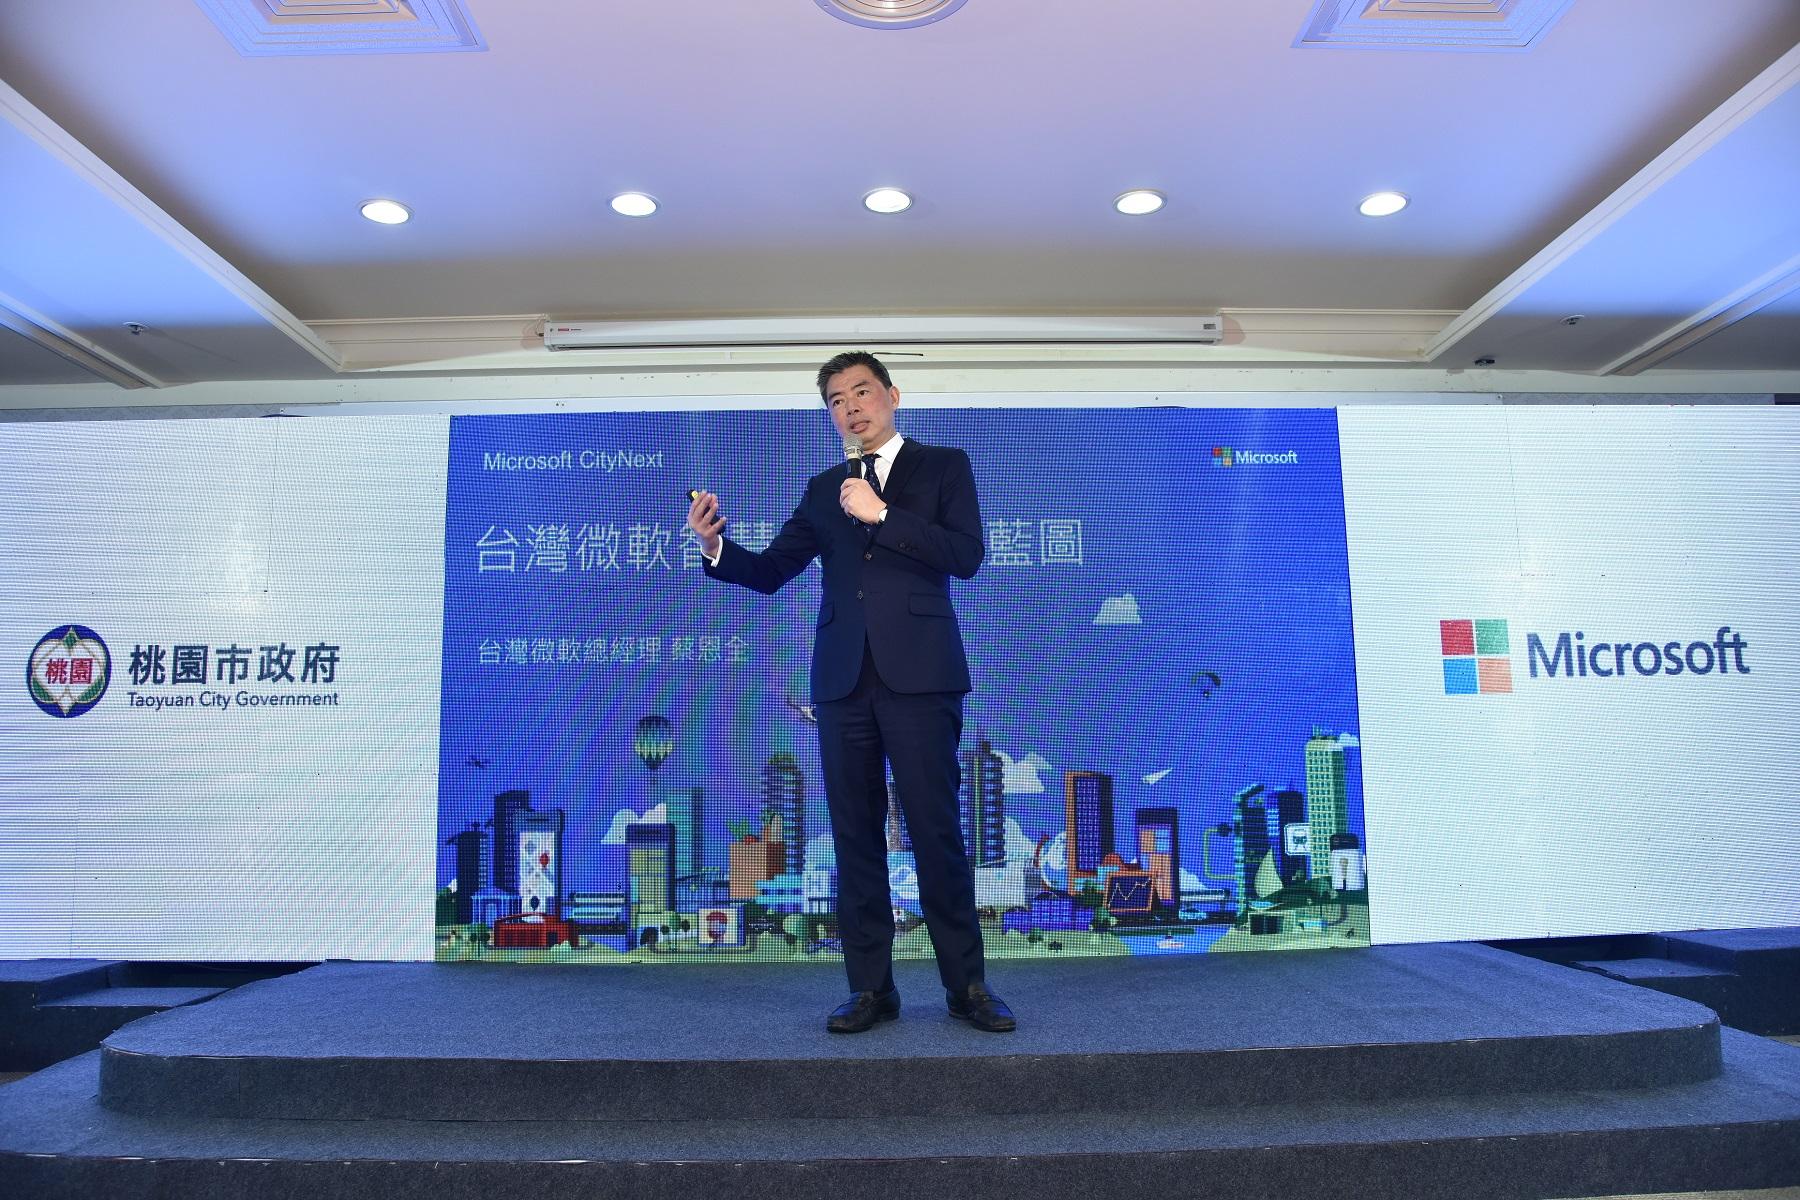 台灣微軟以智慧城市主題與桃園市政府簽訂第一個MOU合作備忘錄